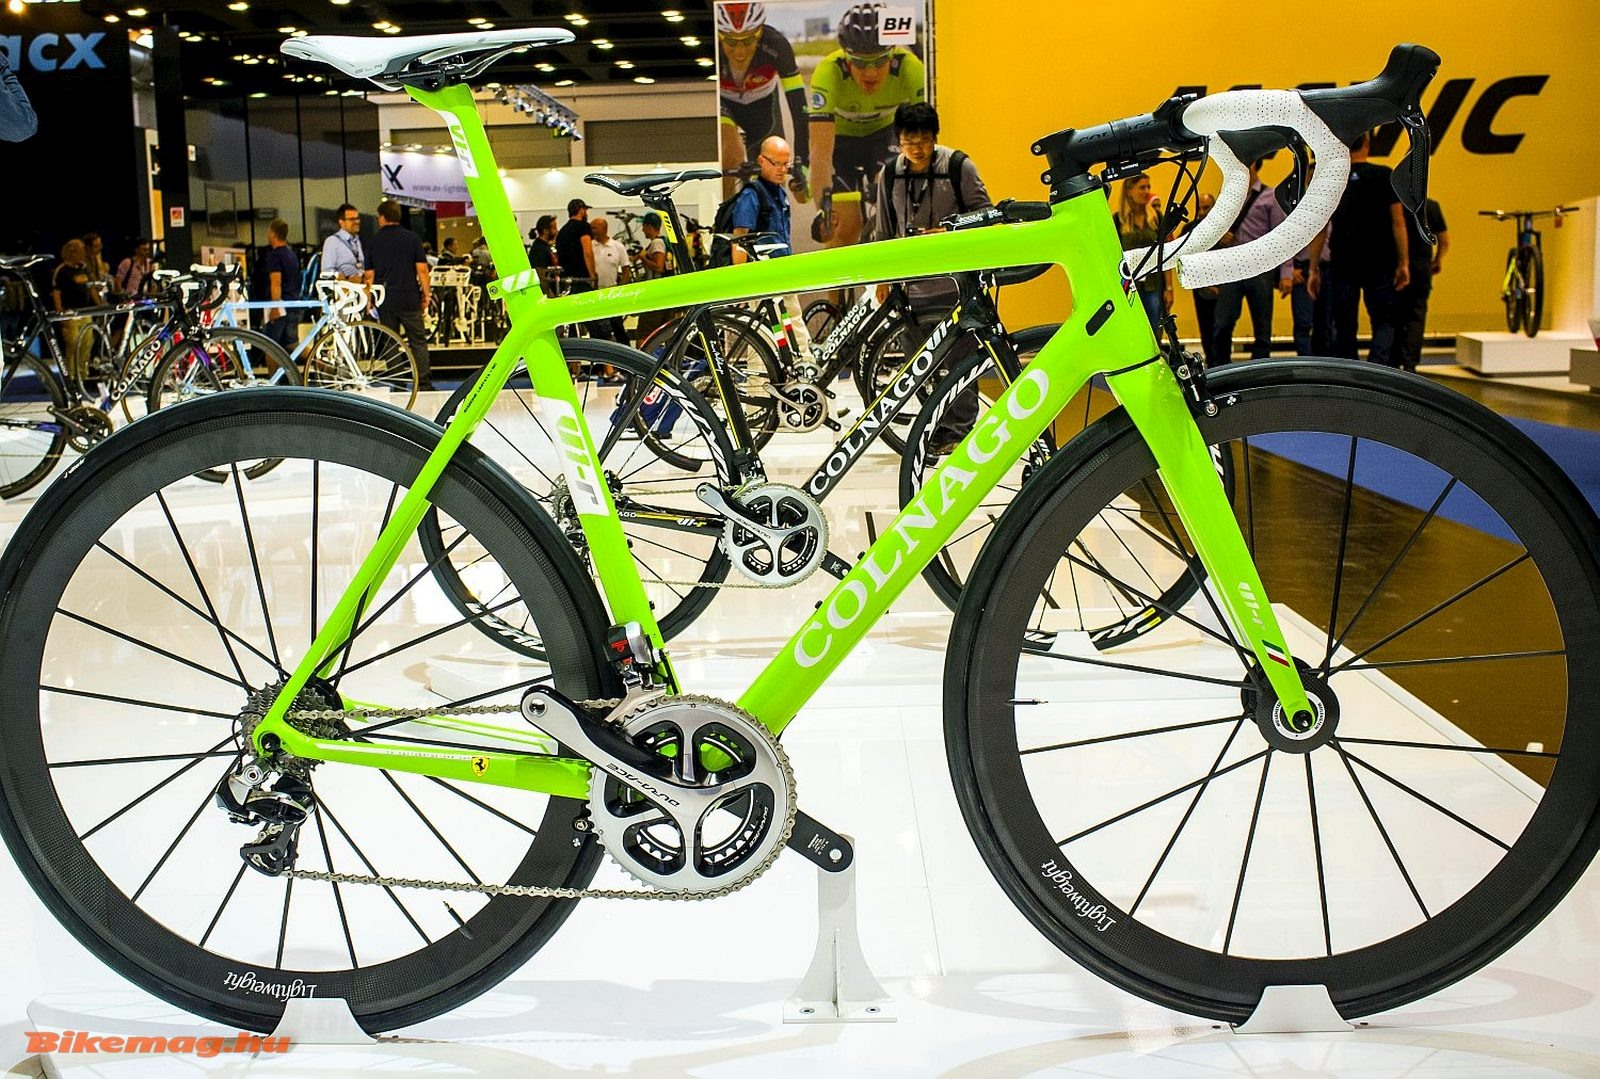 Nevezhetjük koskormányos kerékpárnak, de ez egy Colnago v1r